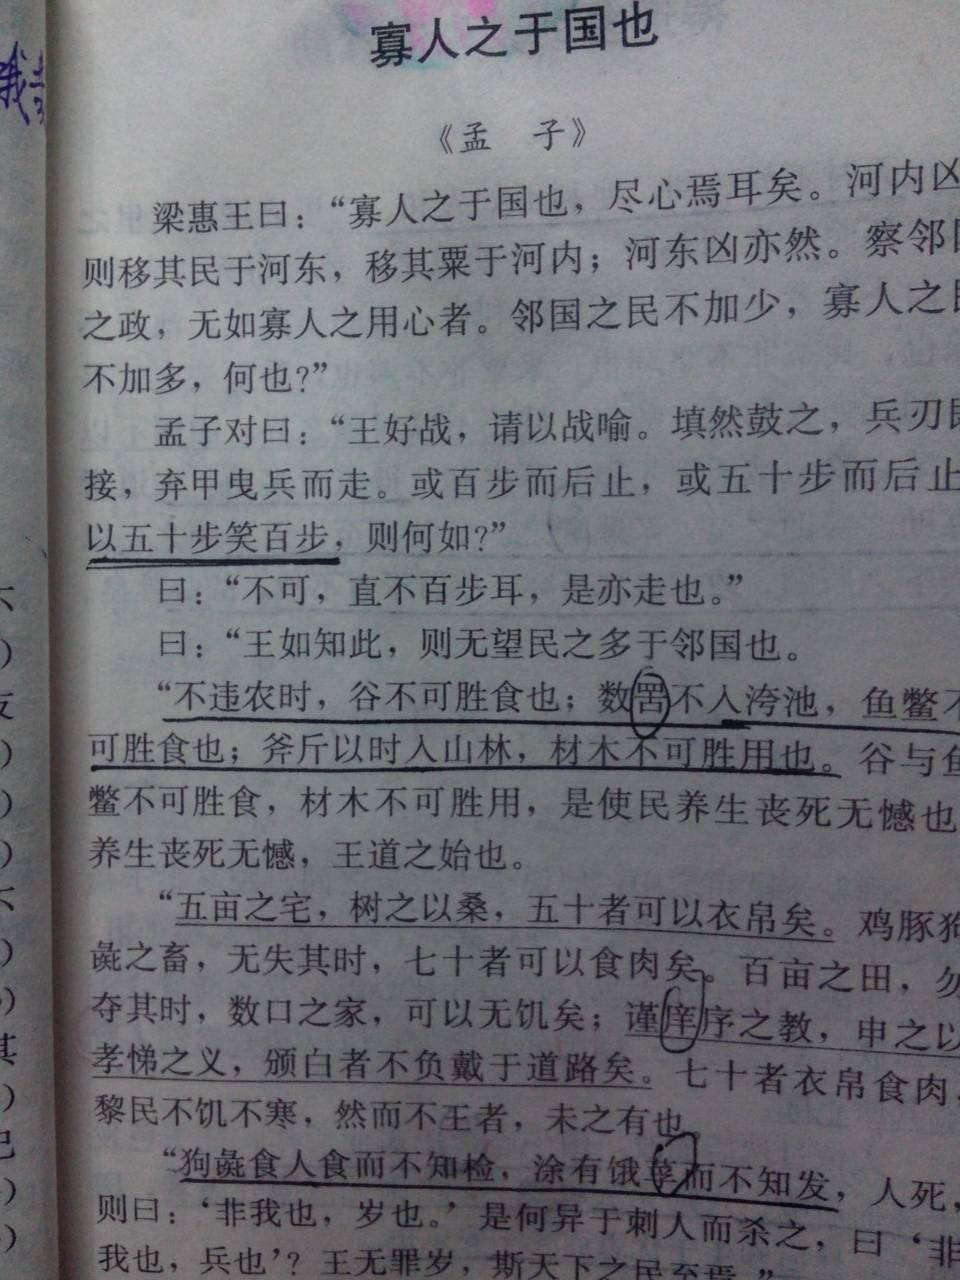 劝学教案_高二语文劝学说课稿精选推荐-爱学网